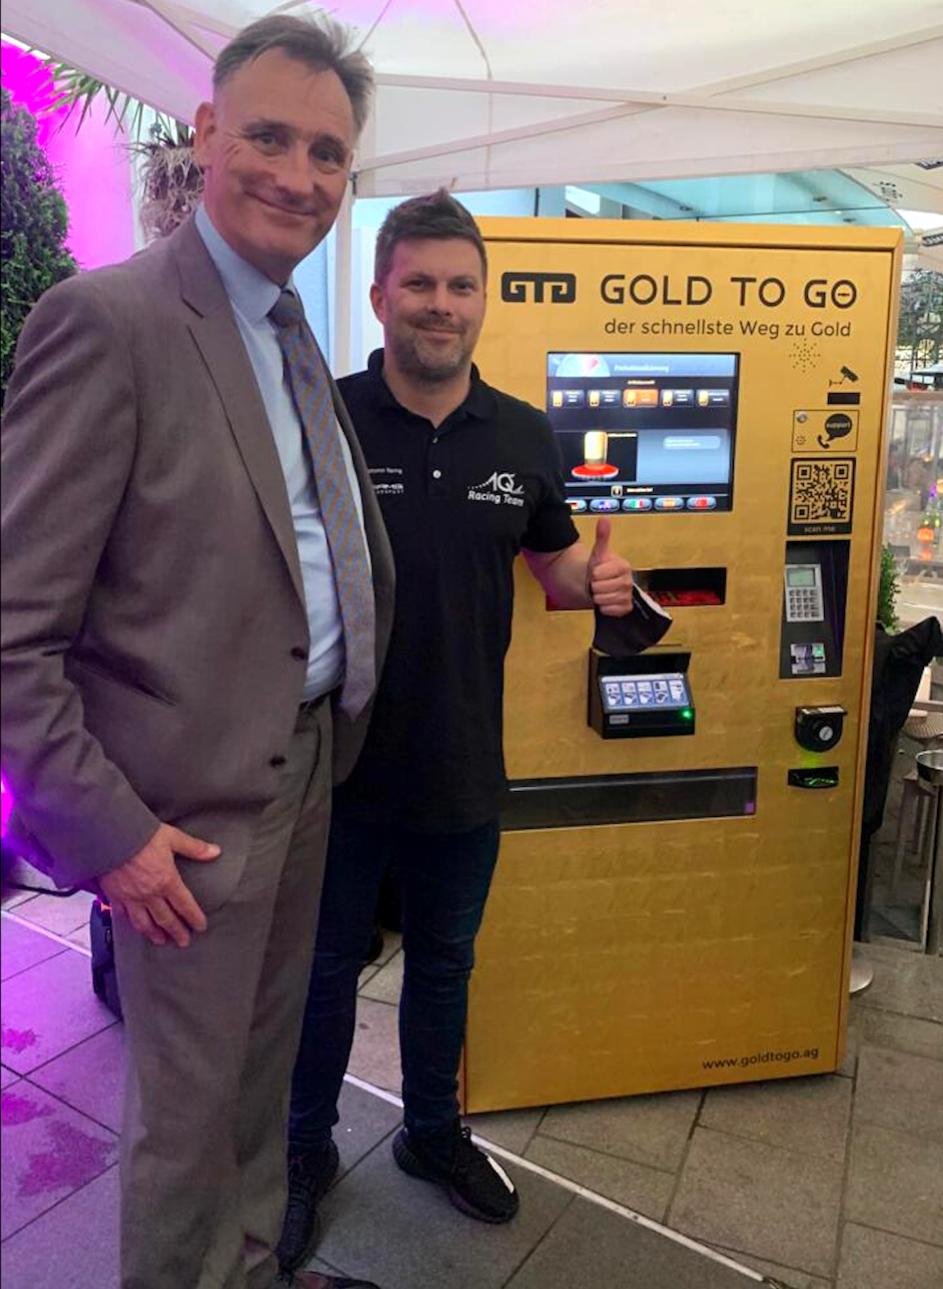 GOLD-TO-GO-CEO Rudolf Engelsberger (links) mit Goldi-Rennpilot Kenneth Heyer am Goldautomaten im Münchner H'ugo's am 30. Juni 2021 © facebook.com/KennethHeyer